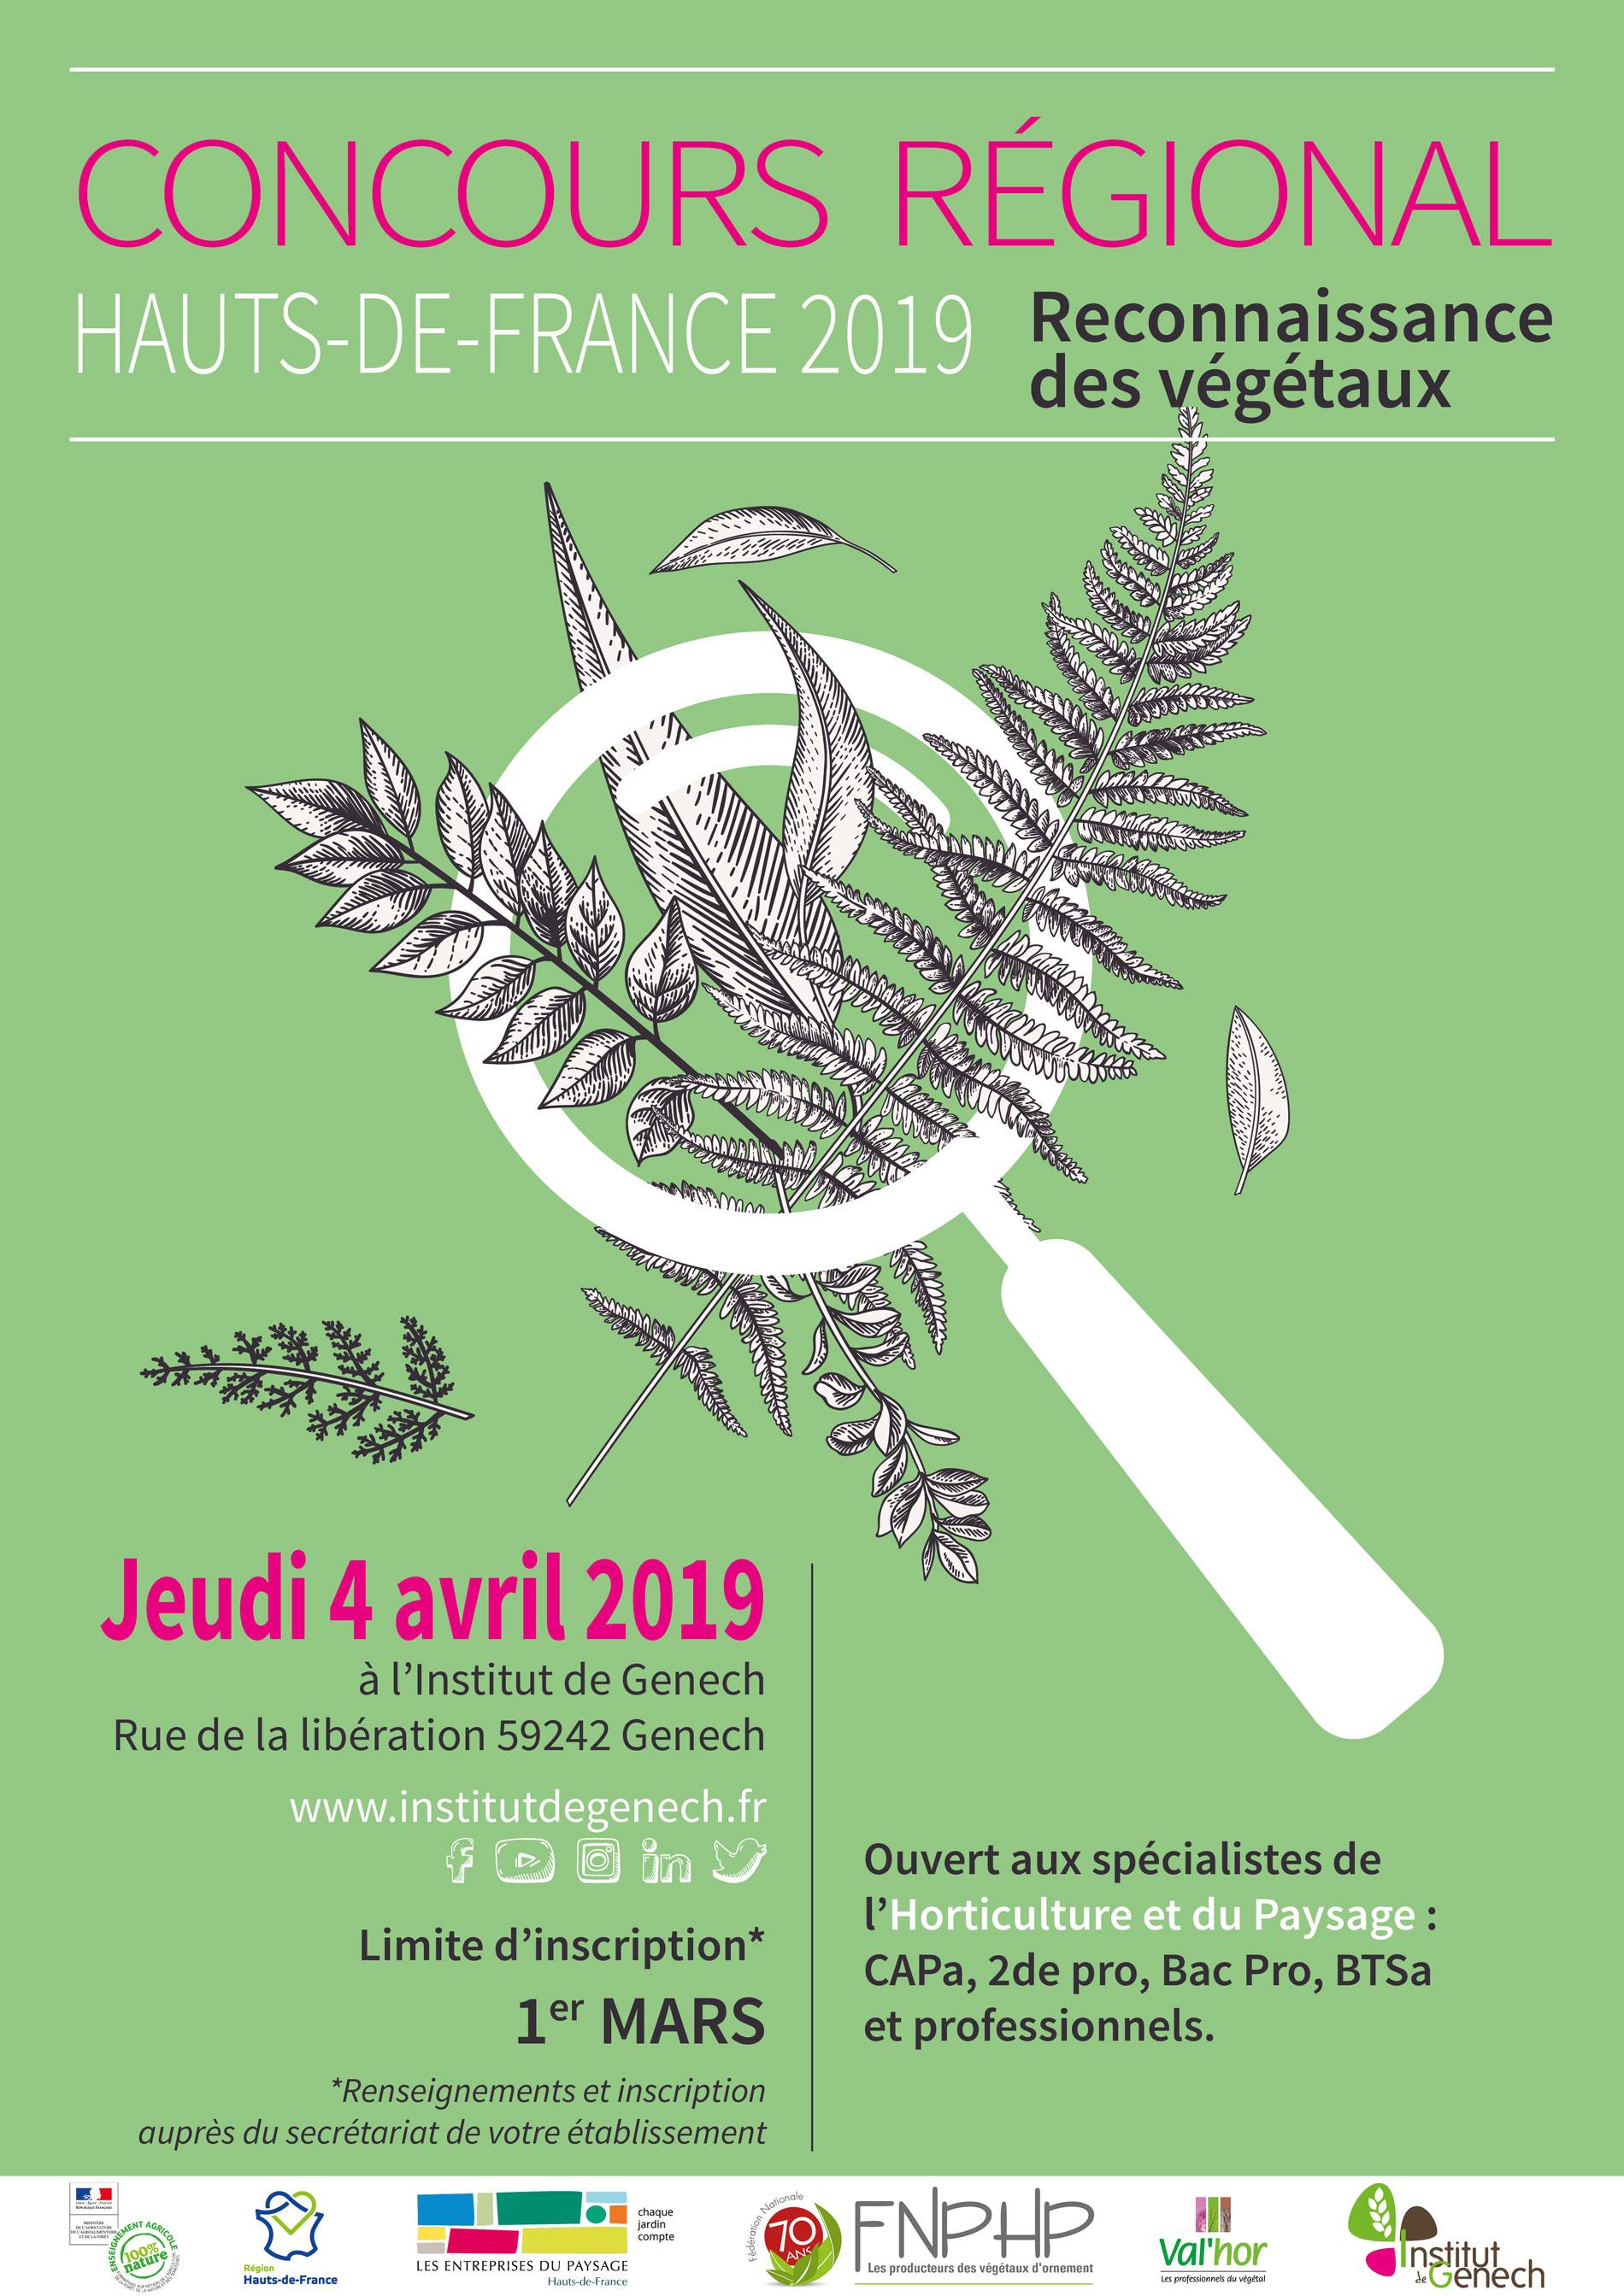 Affiche du concours régional de reconnaissance de végétaux 2019